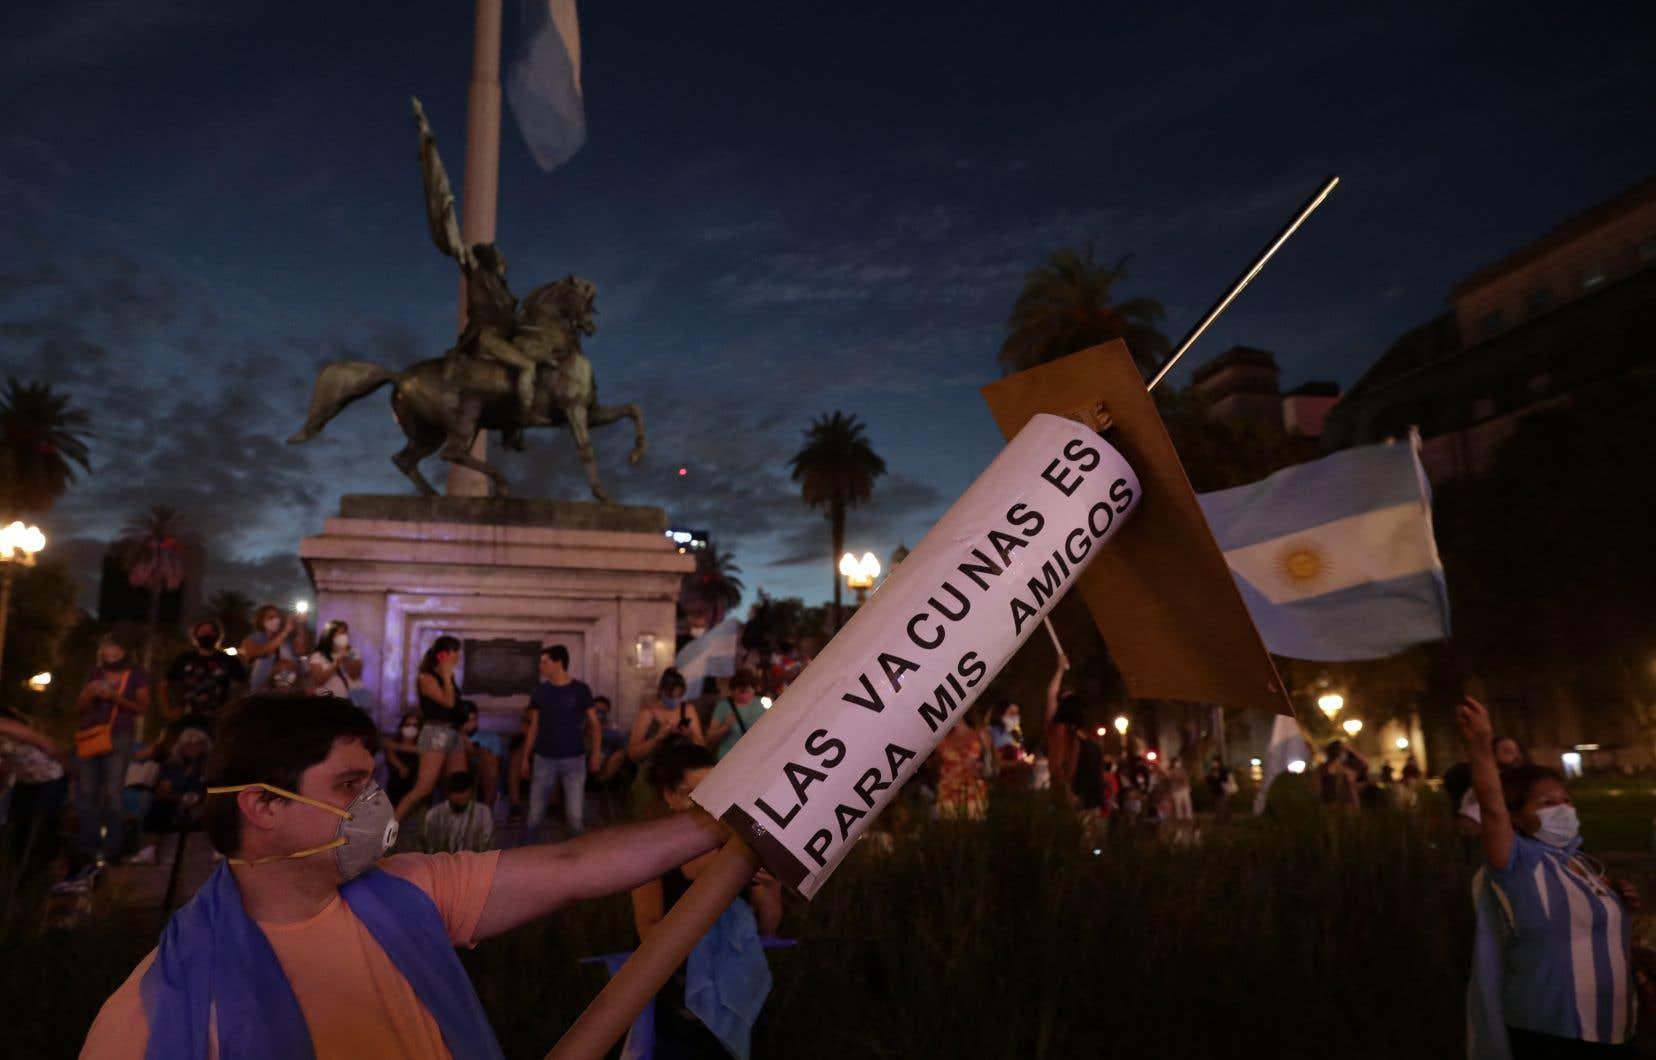 Les manifestations se sont déroulées sans incident, hormis quelques frictions entre opposants et militants syndicaux devant la résidence officielle du président à Buenos Aires.